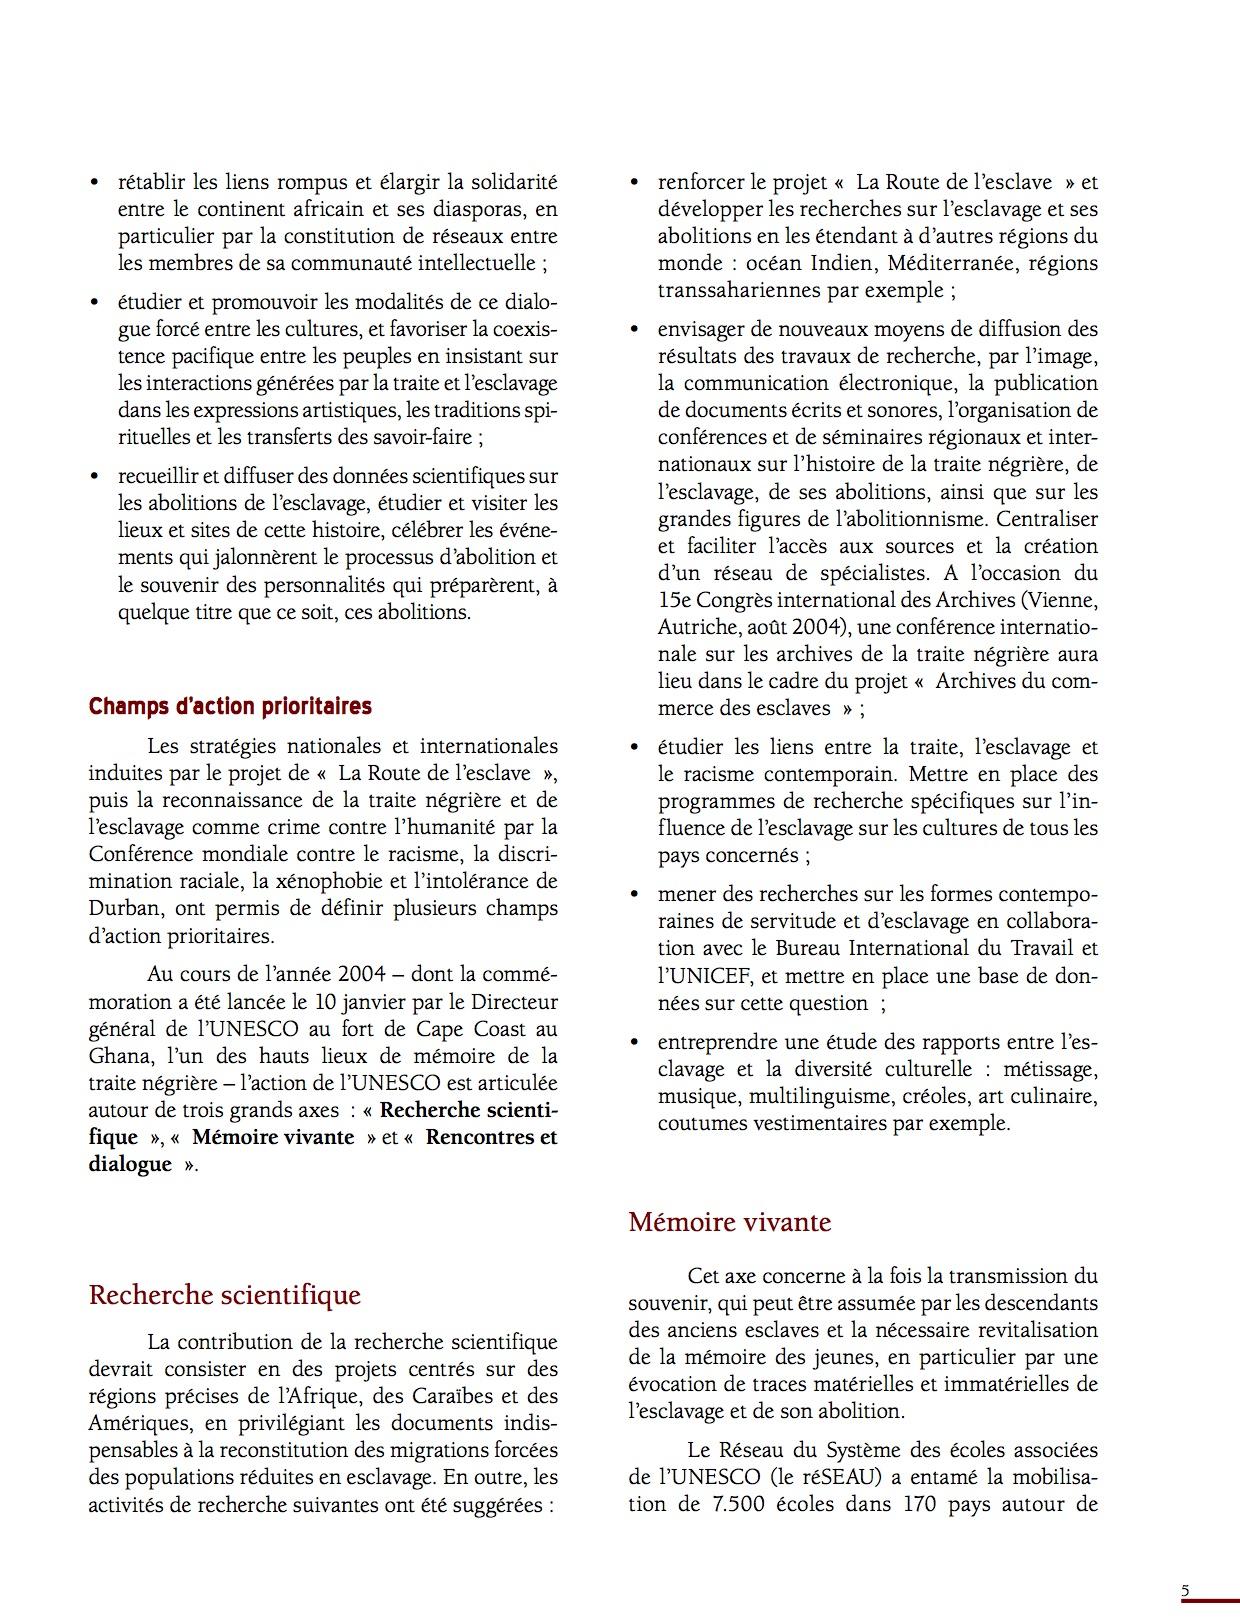 Unesco Luttes contre l'esclavage-5